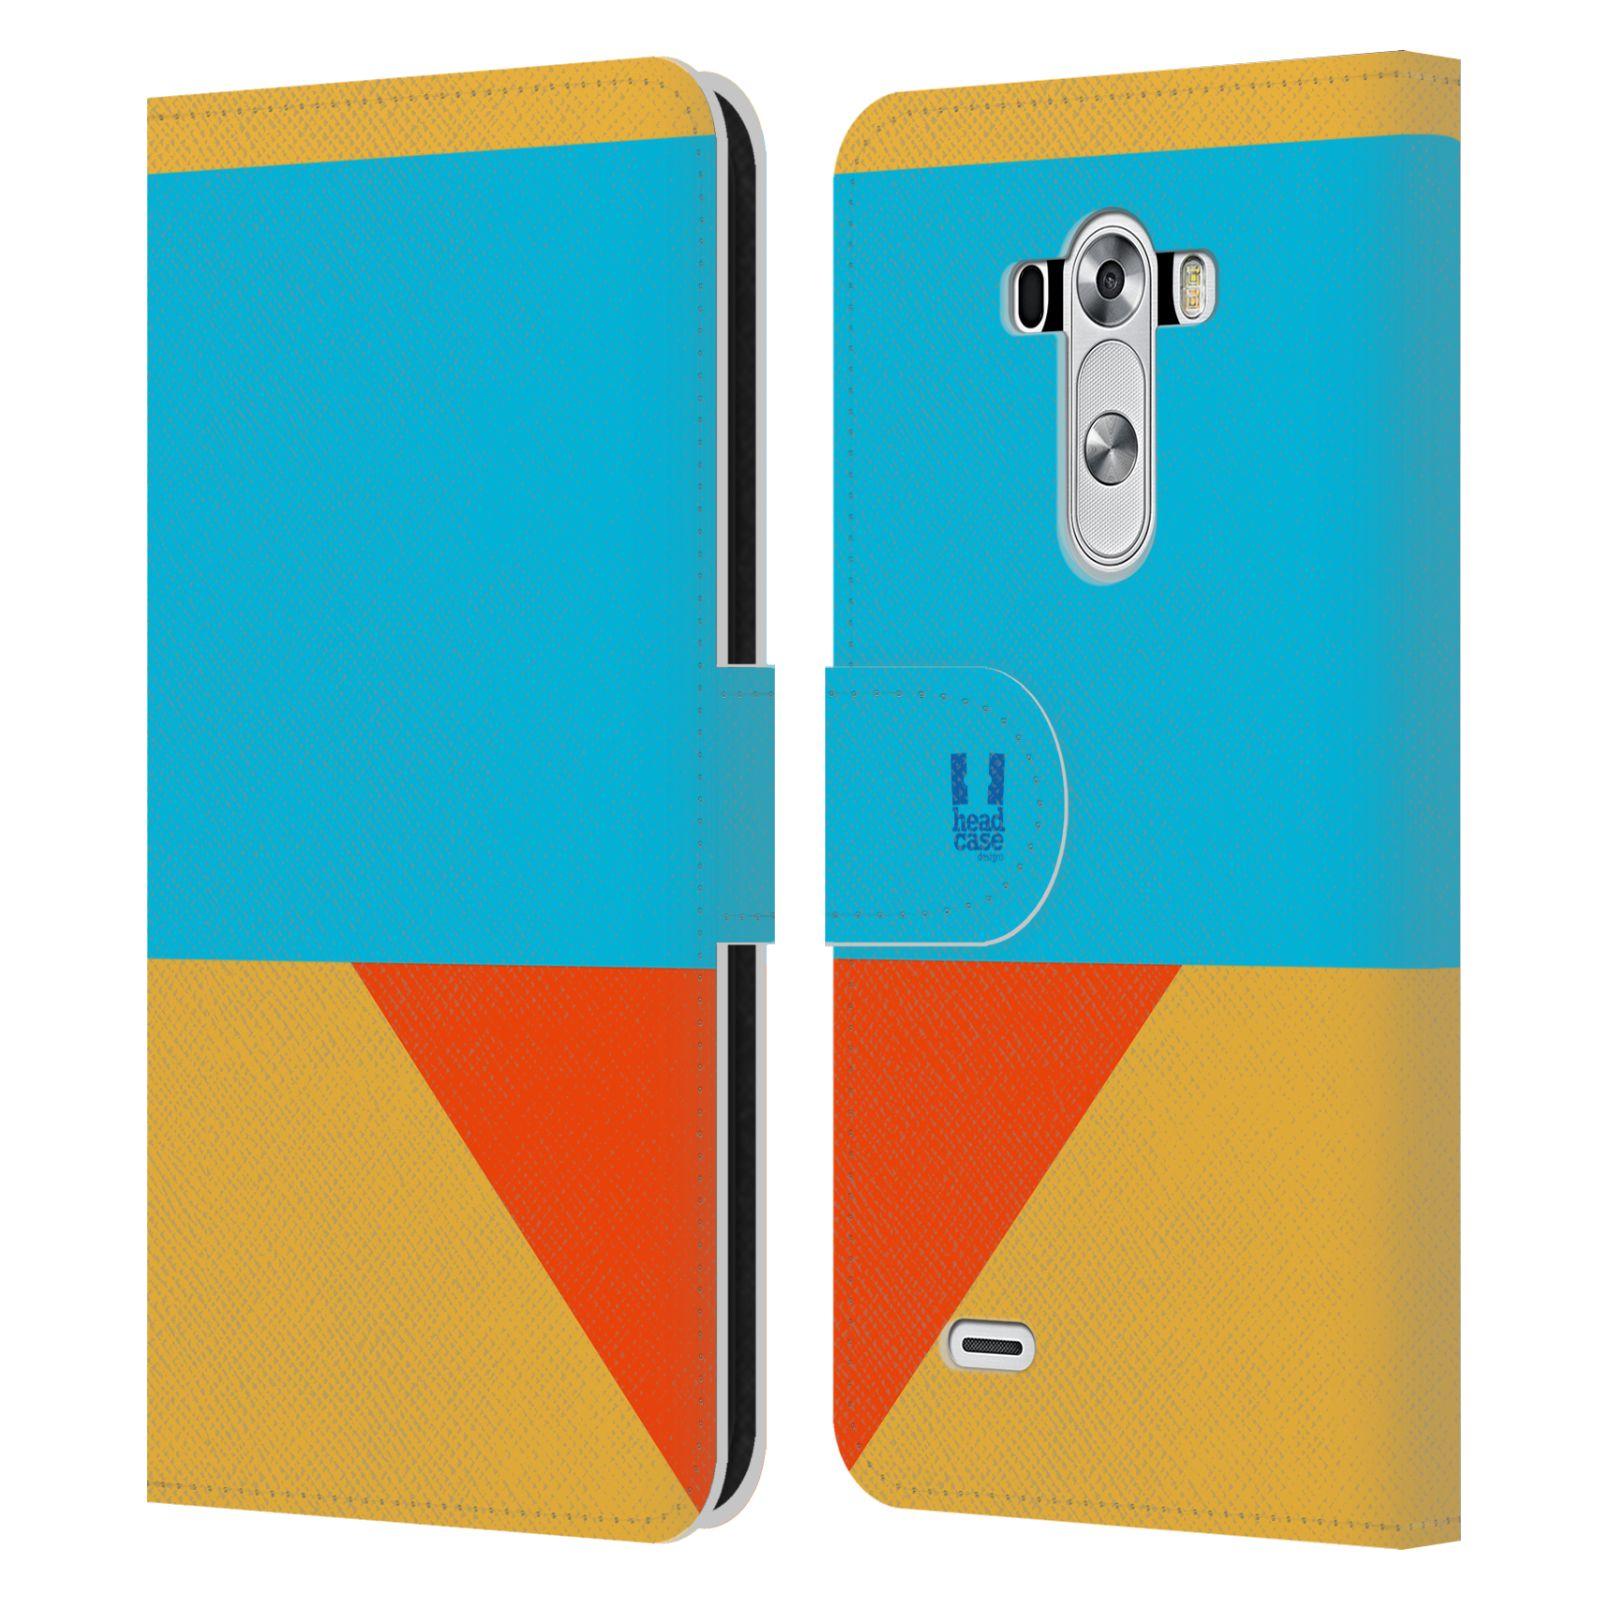 HEAD CASE Flipové pouzdro pro mobil LG G3 barevné tvary béžová a modrá DAY WEAR